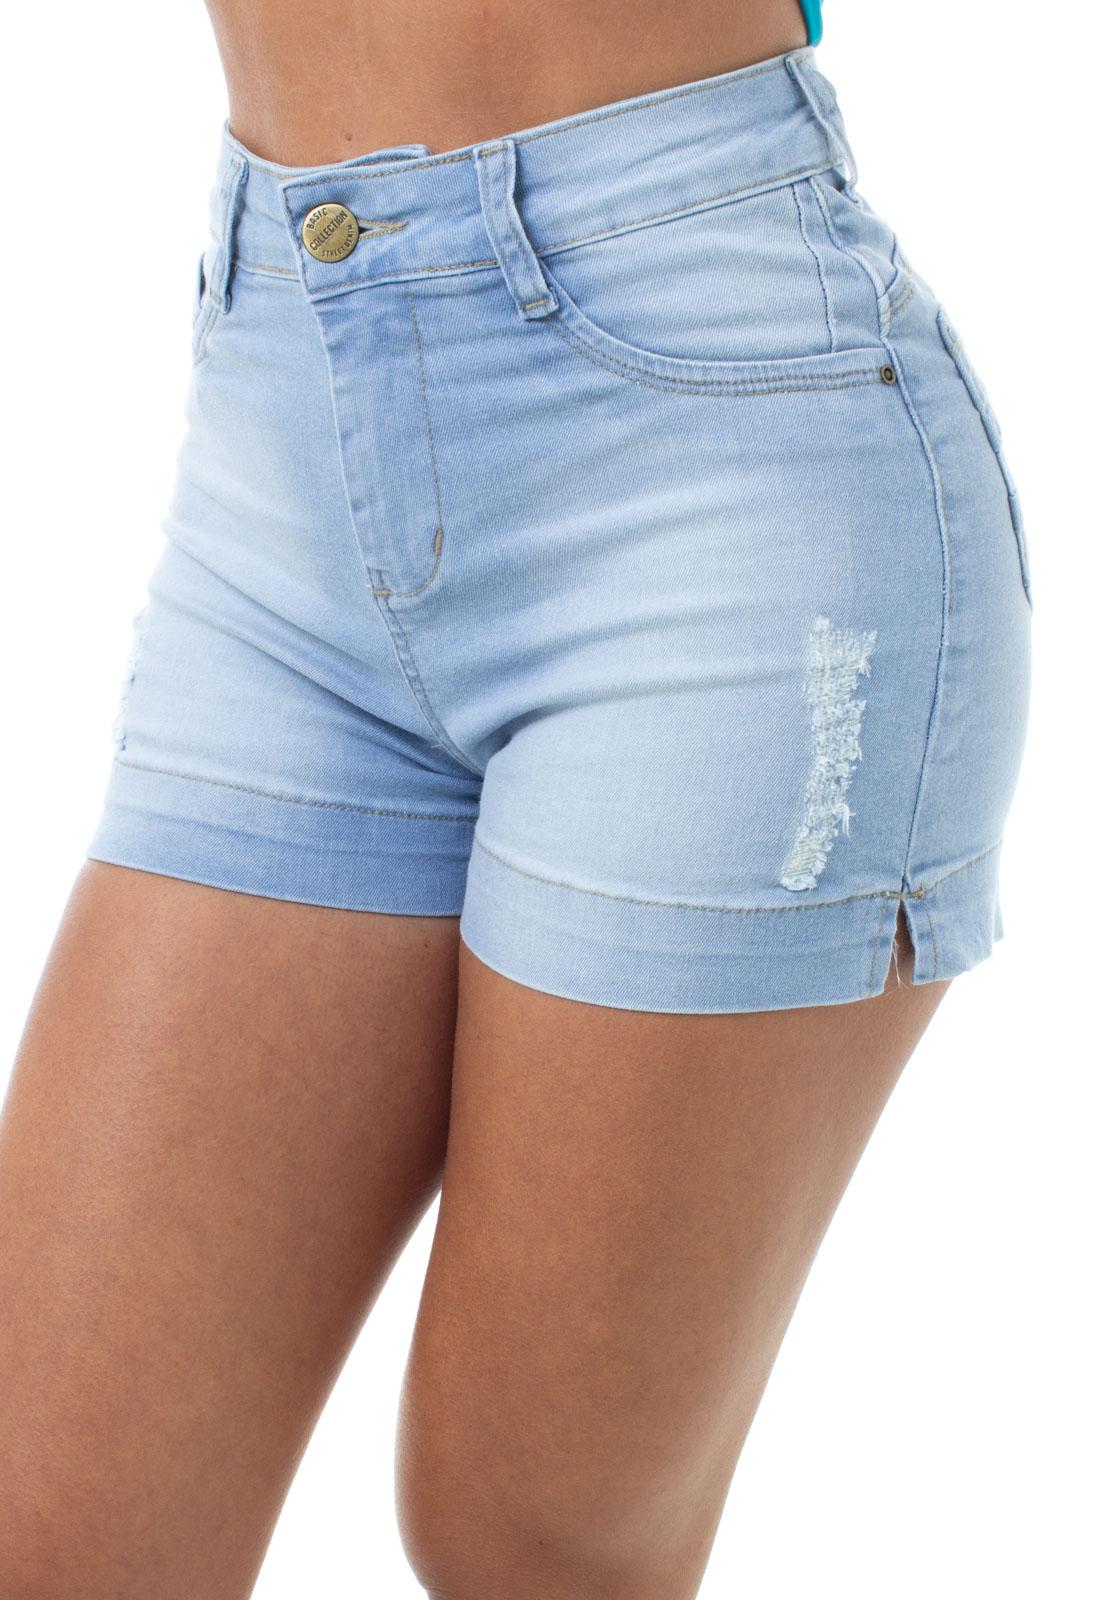 Short Jeans Feminino Curto Com Fenda Na Barra Fit Crocker - 47915  - CROCKER JEANS